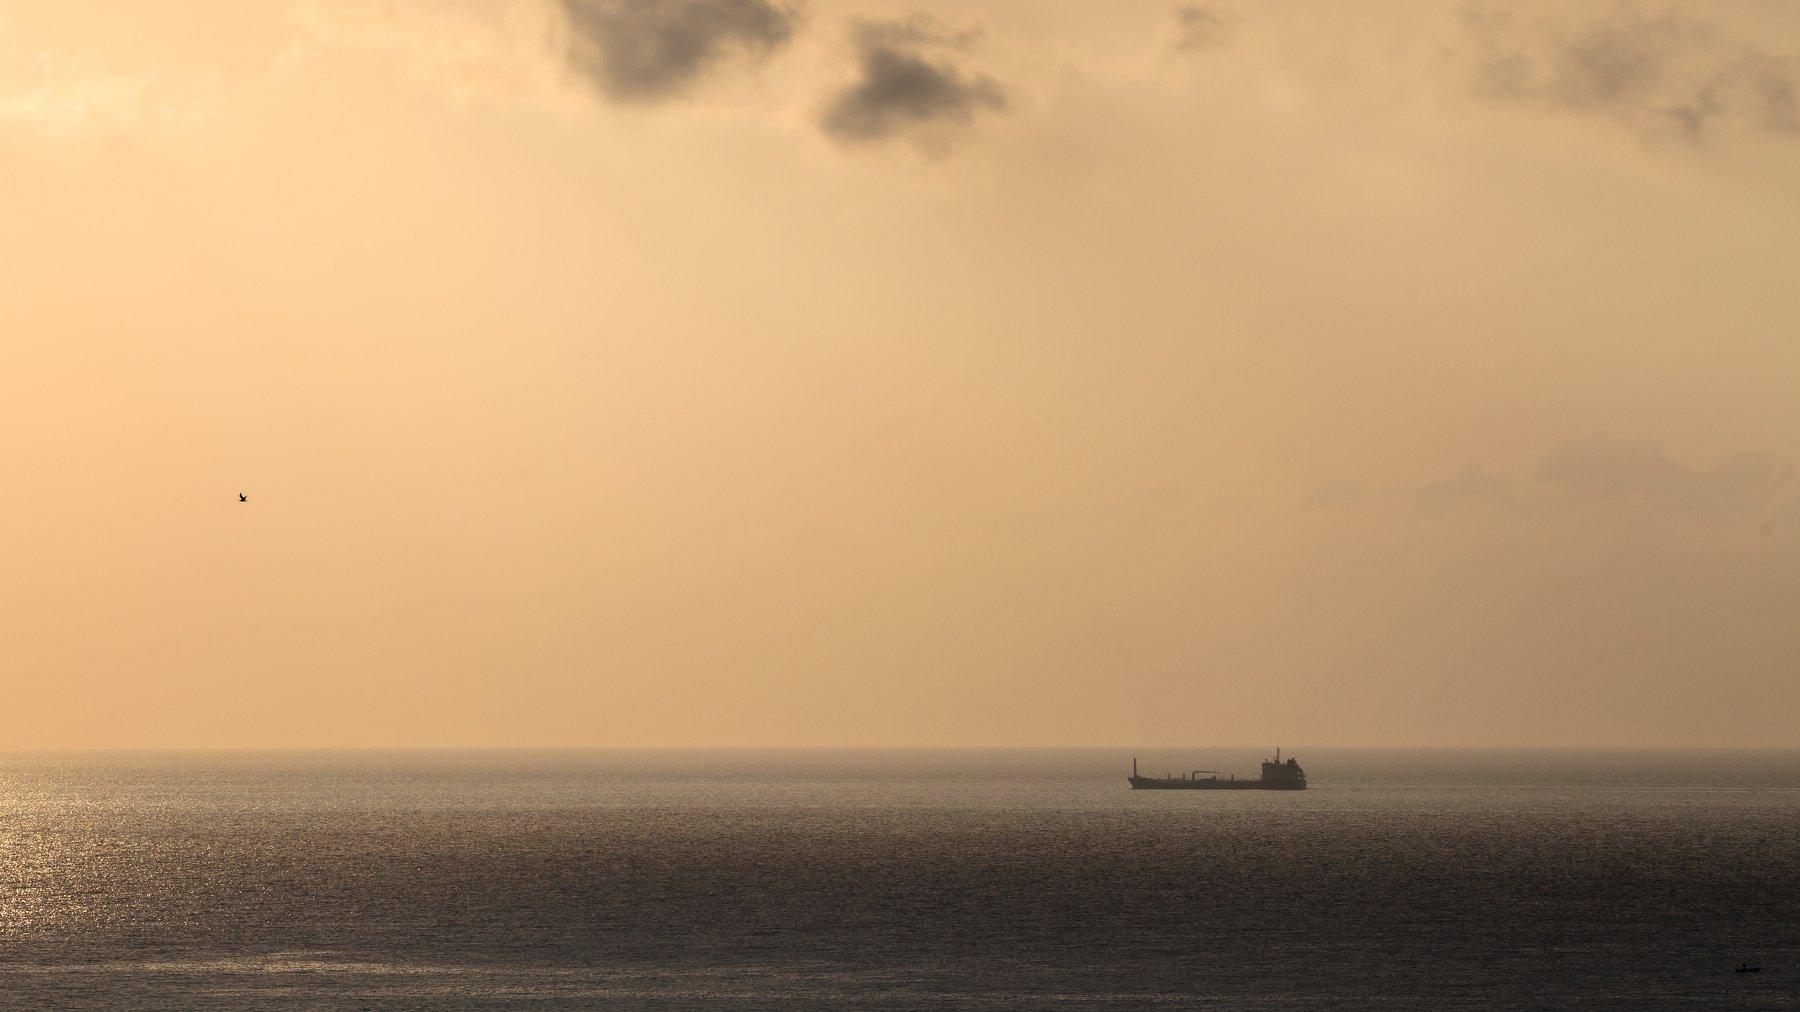 Море, корабль, рассвет, оранжевый, чайка, сухогруз, танкер, горизонт, минимализм, Иван Губанов